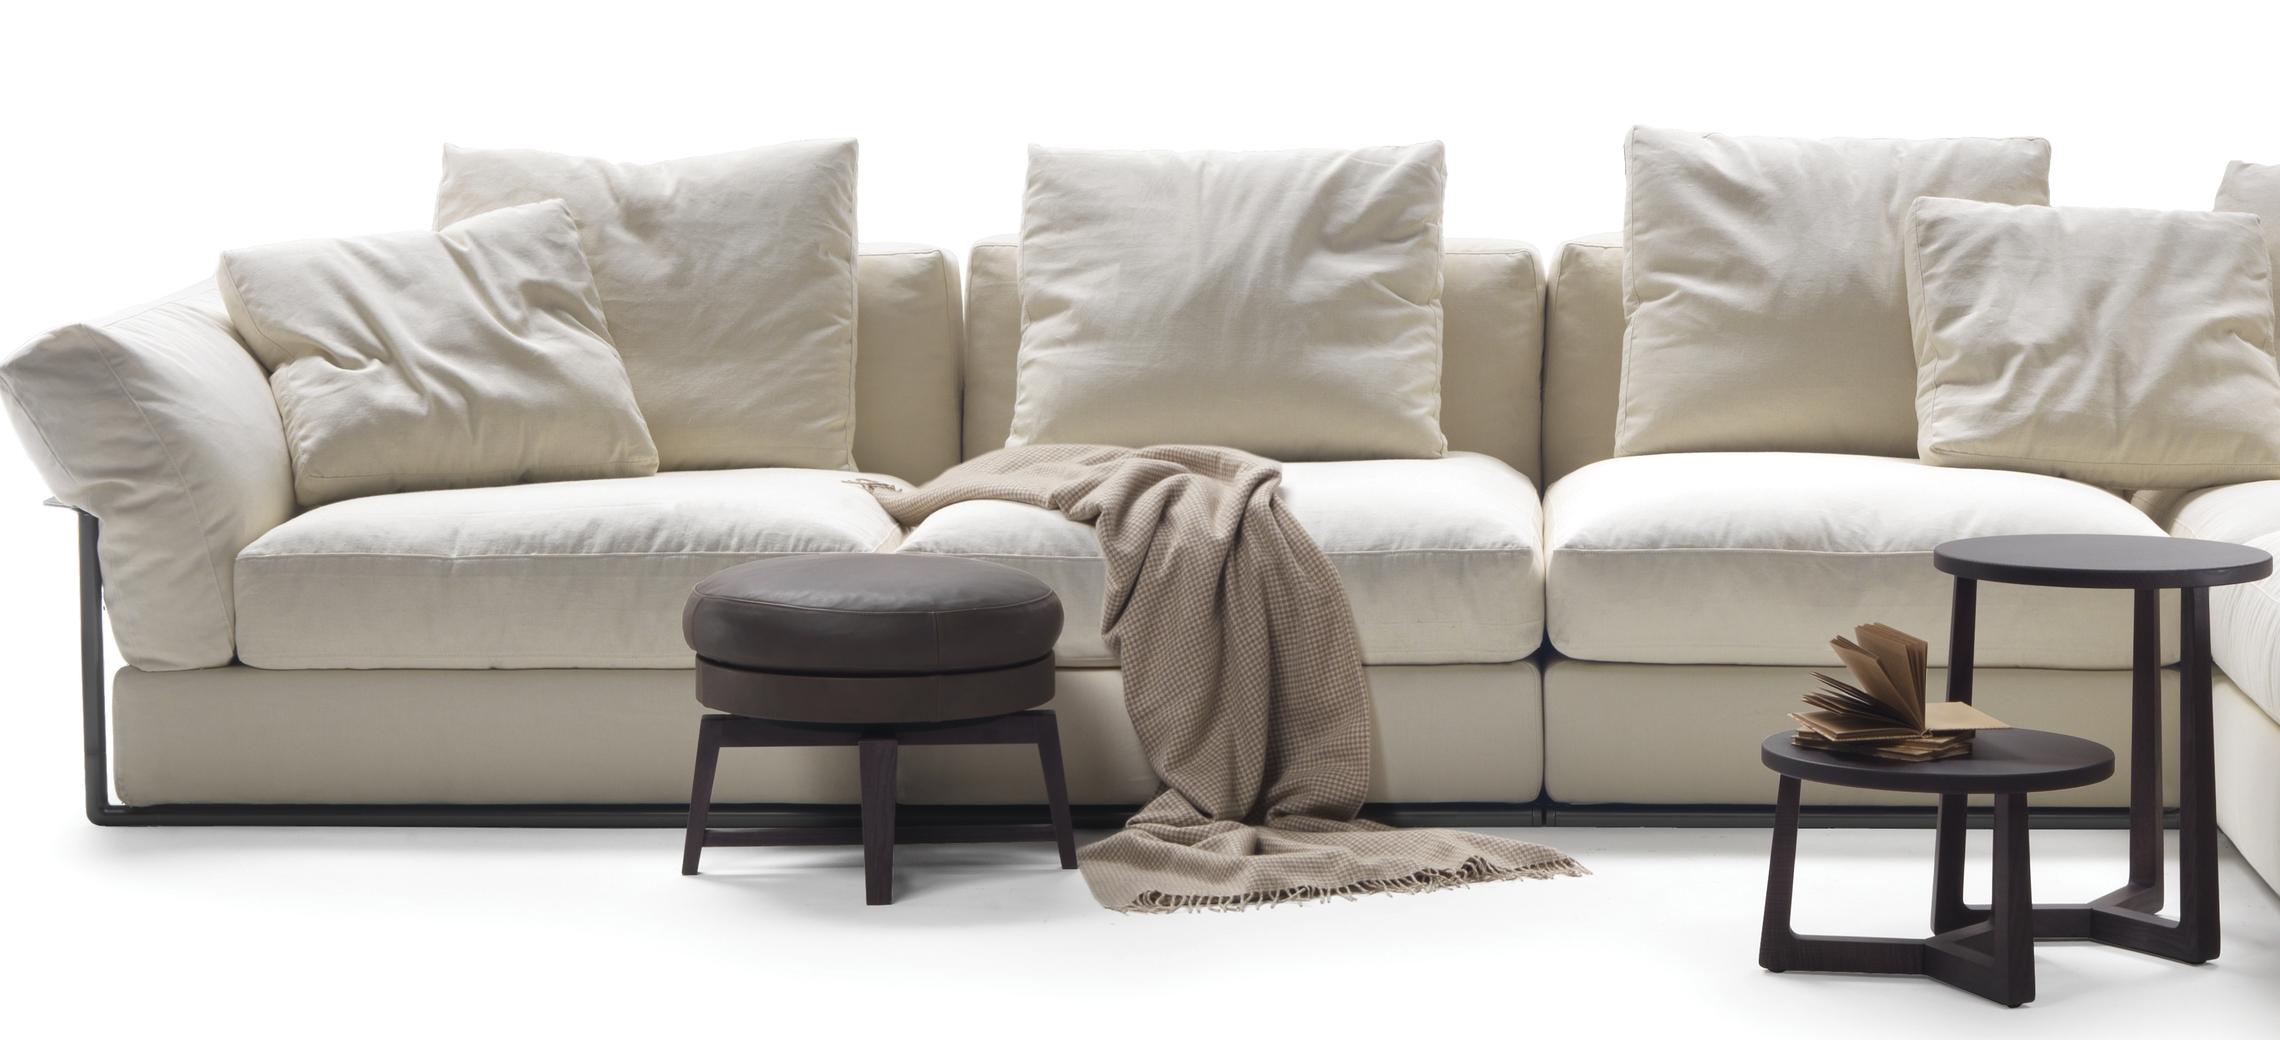 sofa zeno von flexform in der wohnidee luzern probe sitzen. Black Bedroom Furniture Sets. Home Design Ideas